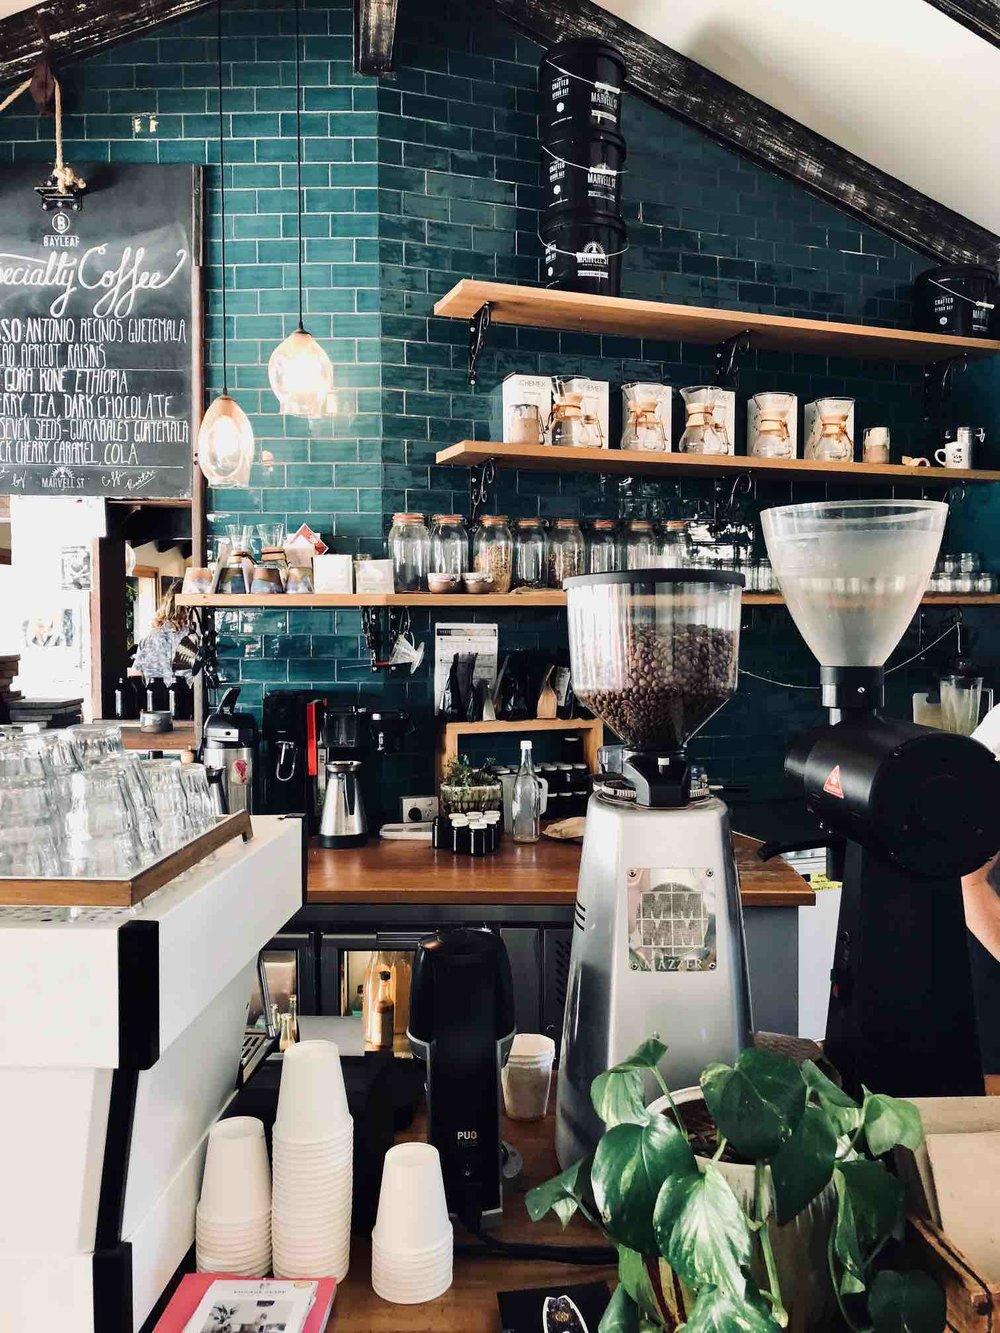 Coffee Bar| Bay Leaf Cafe Byron Bay